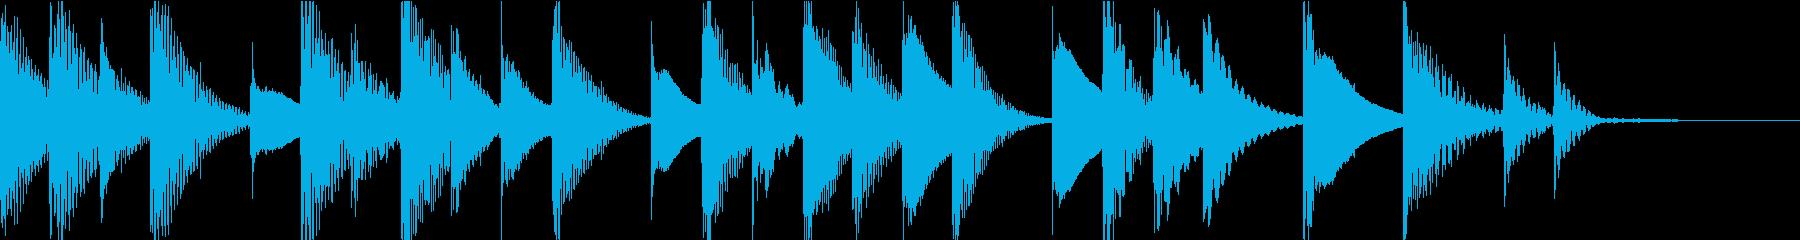 マリンバのほのぼのとしたジングル1の再生済みの波形